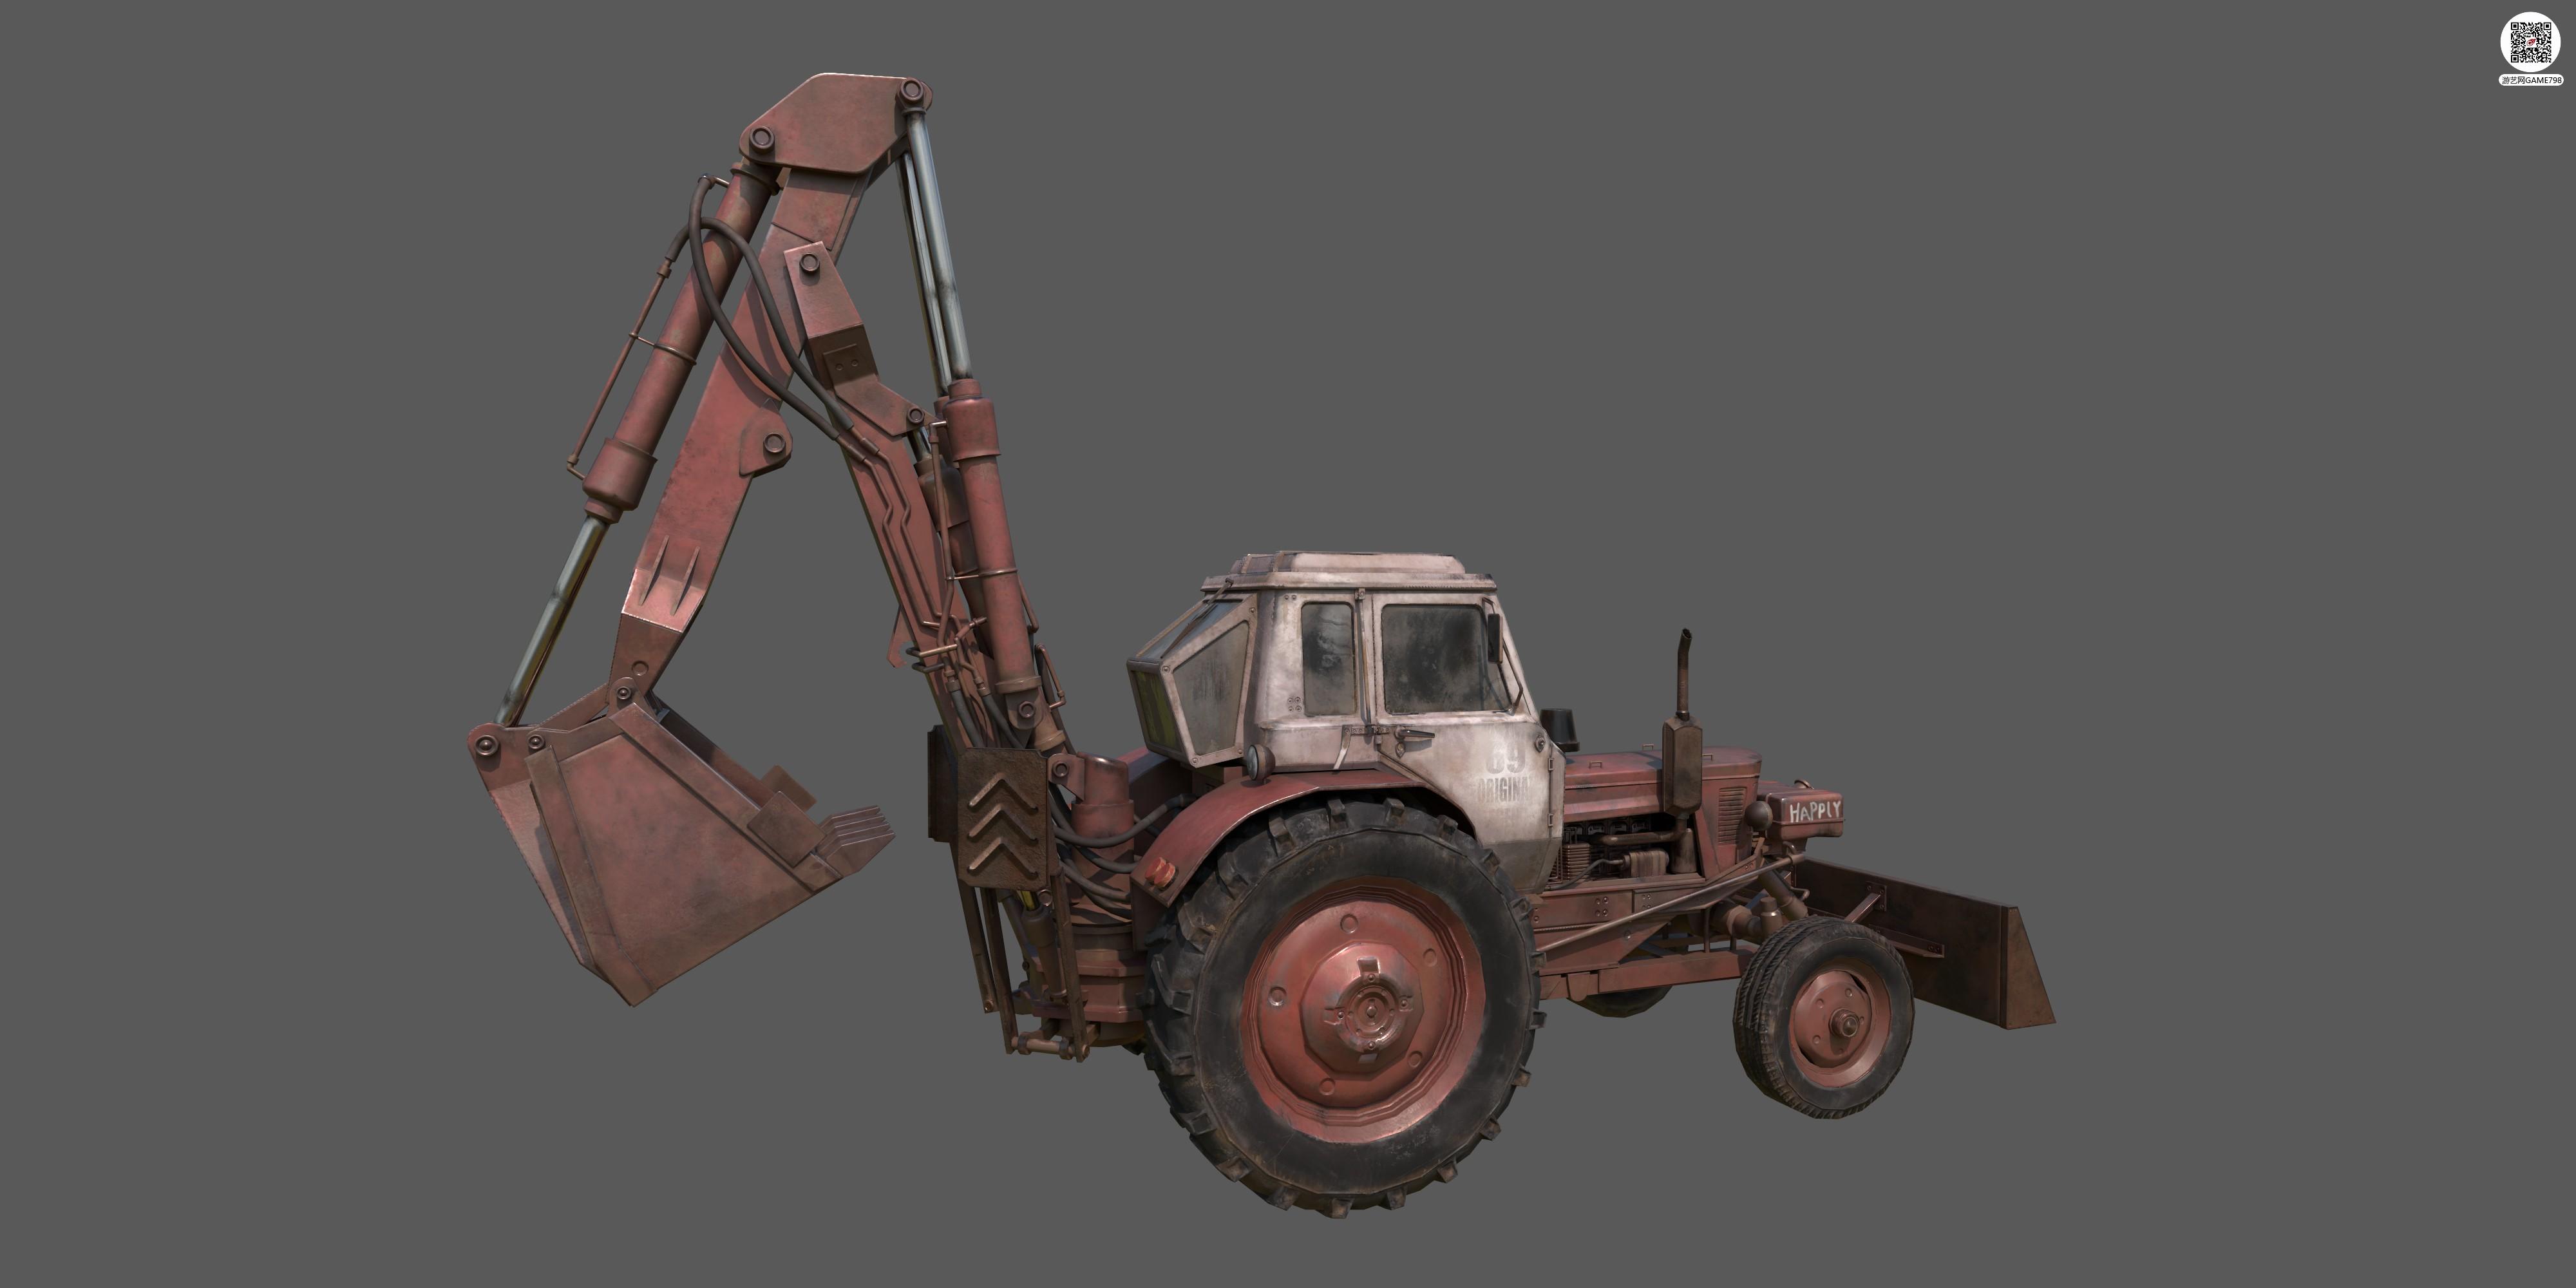 挖掘机—渲染图4.jpg